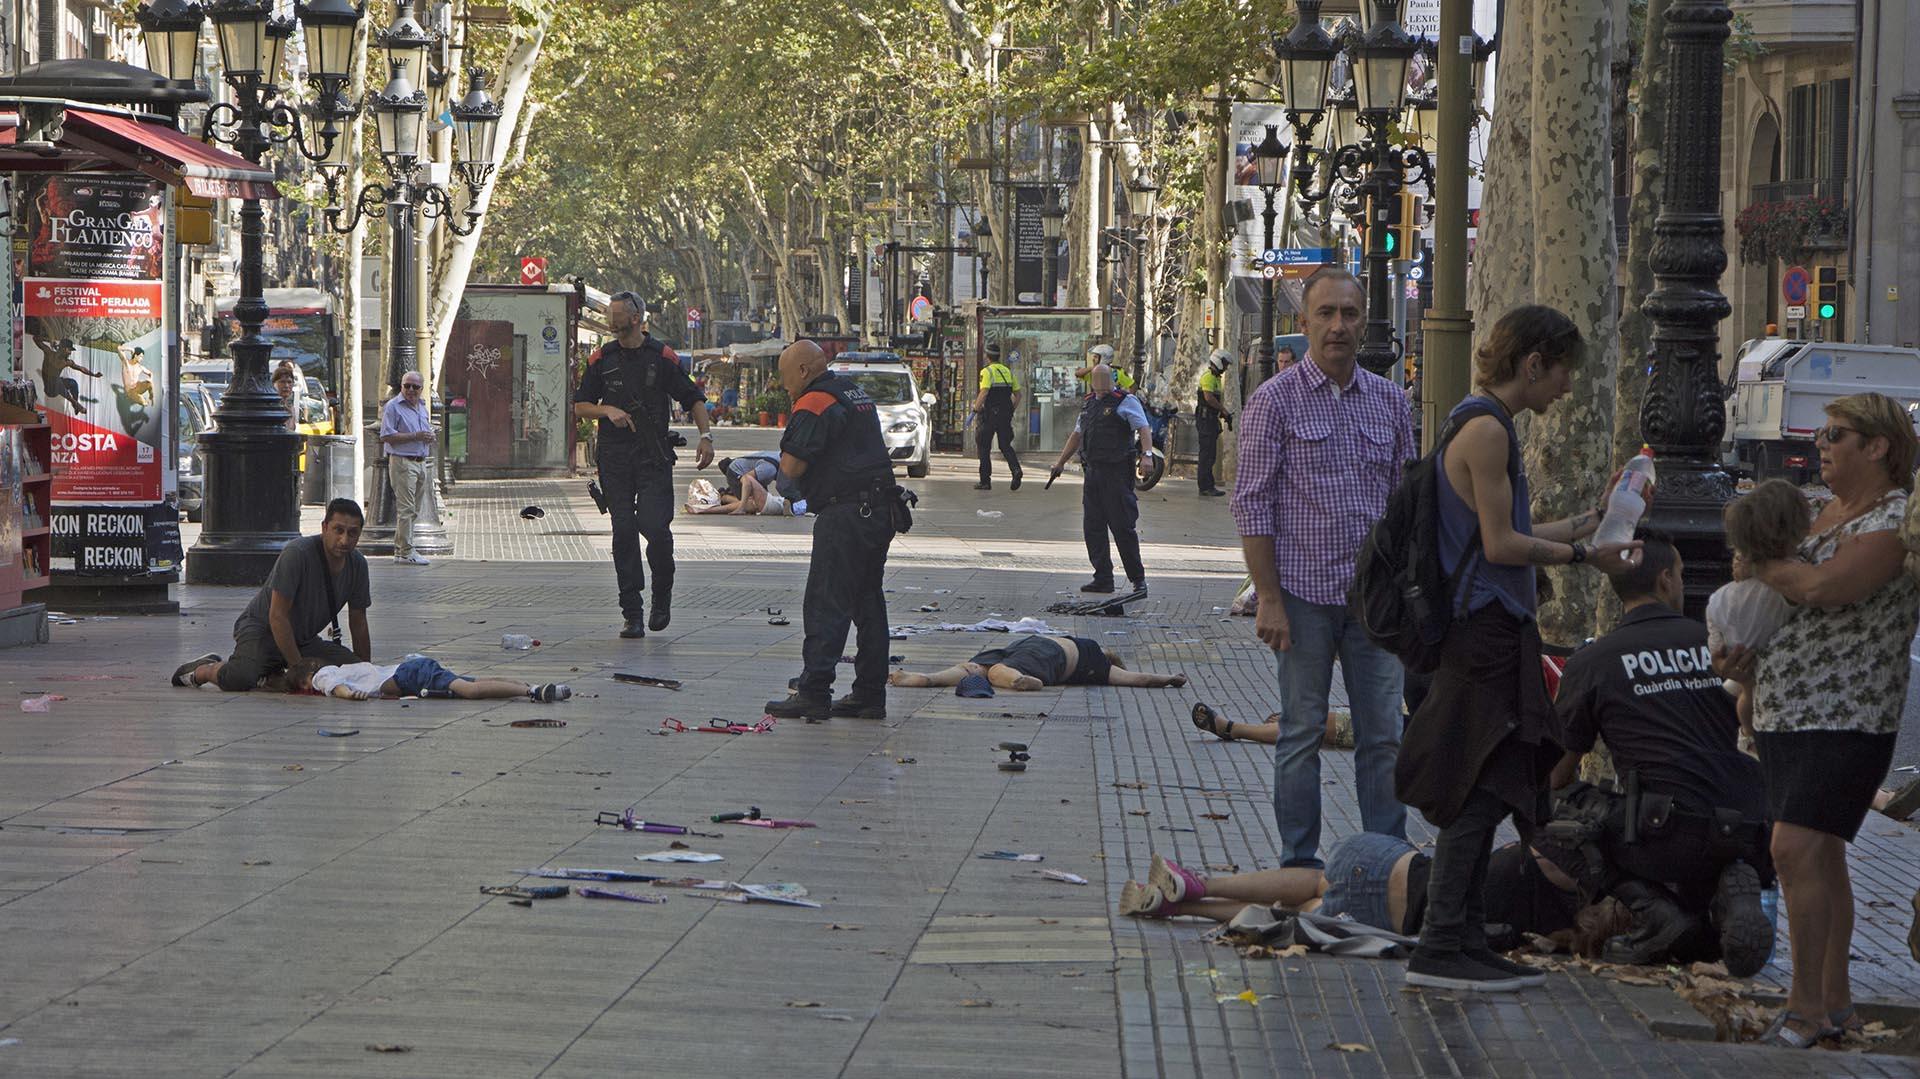 Envía Raúl mensaje de condolencias tras los atentados en Barcelona